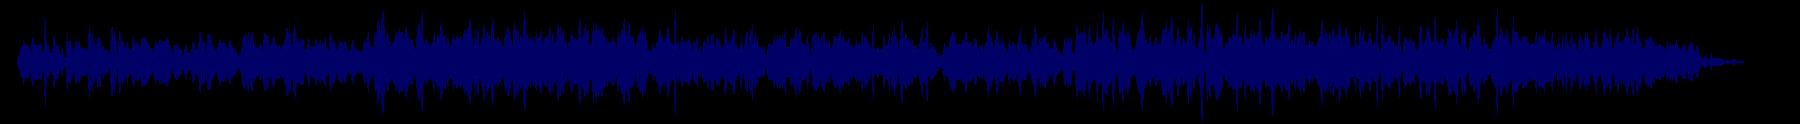 waveform of track #70143